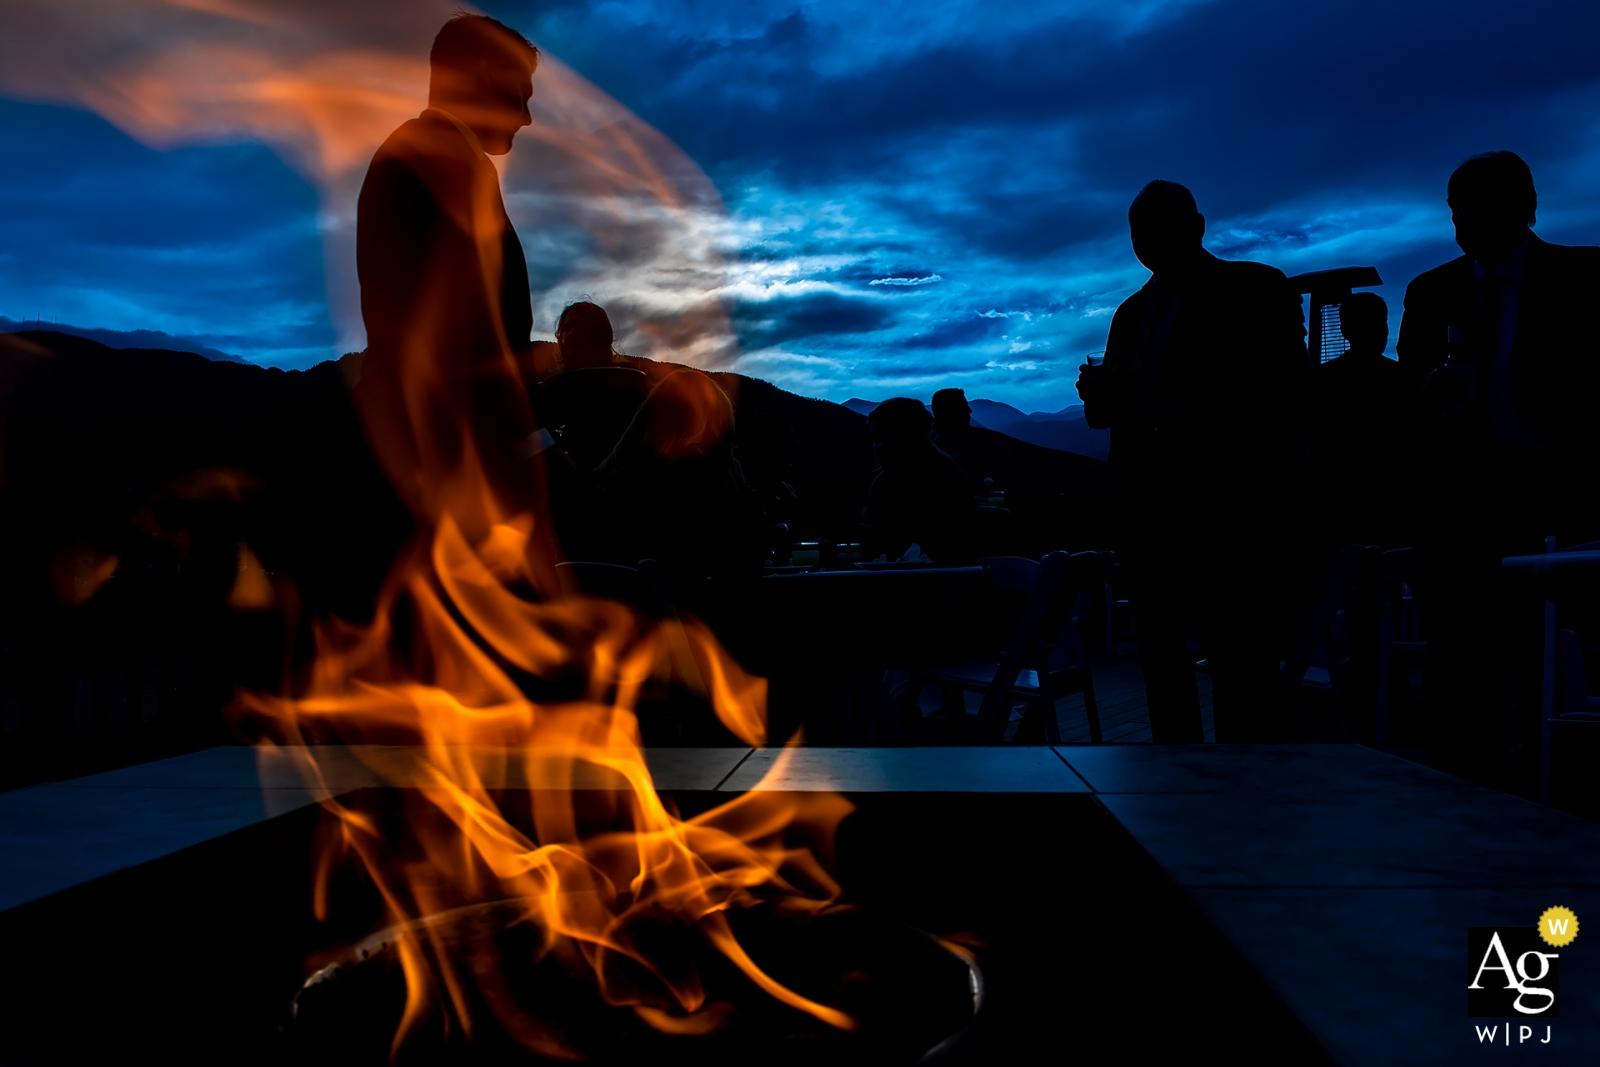 科羅拉多斯普林斯夏延山度假村藝術創意照片的火坑在黃昏